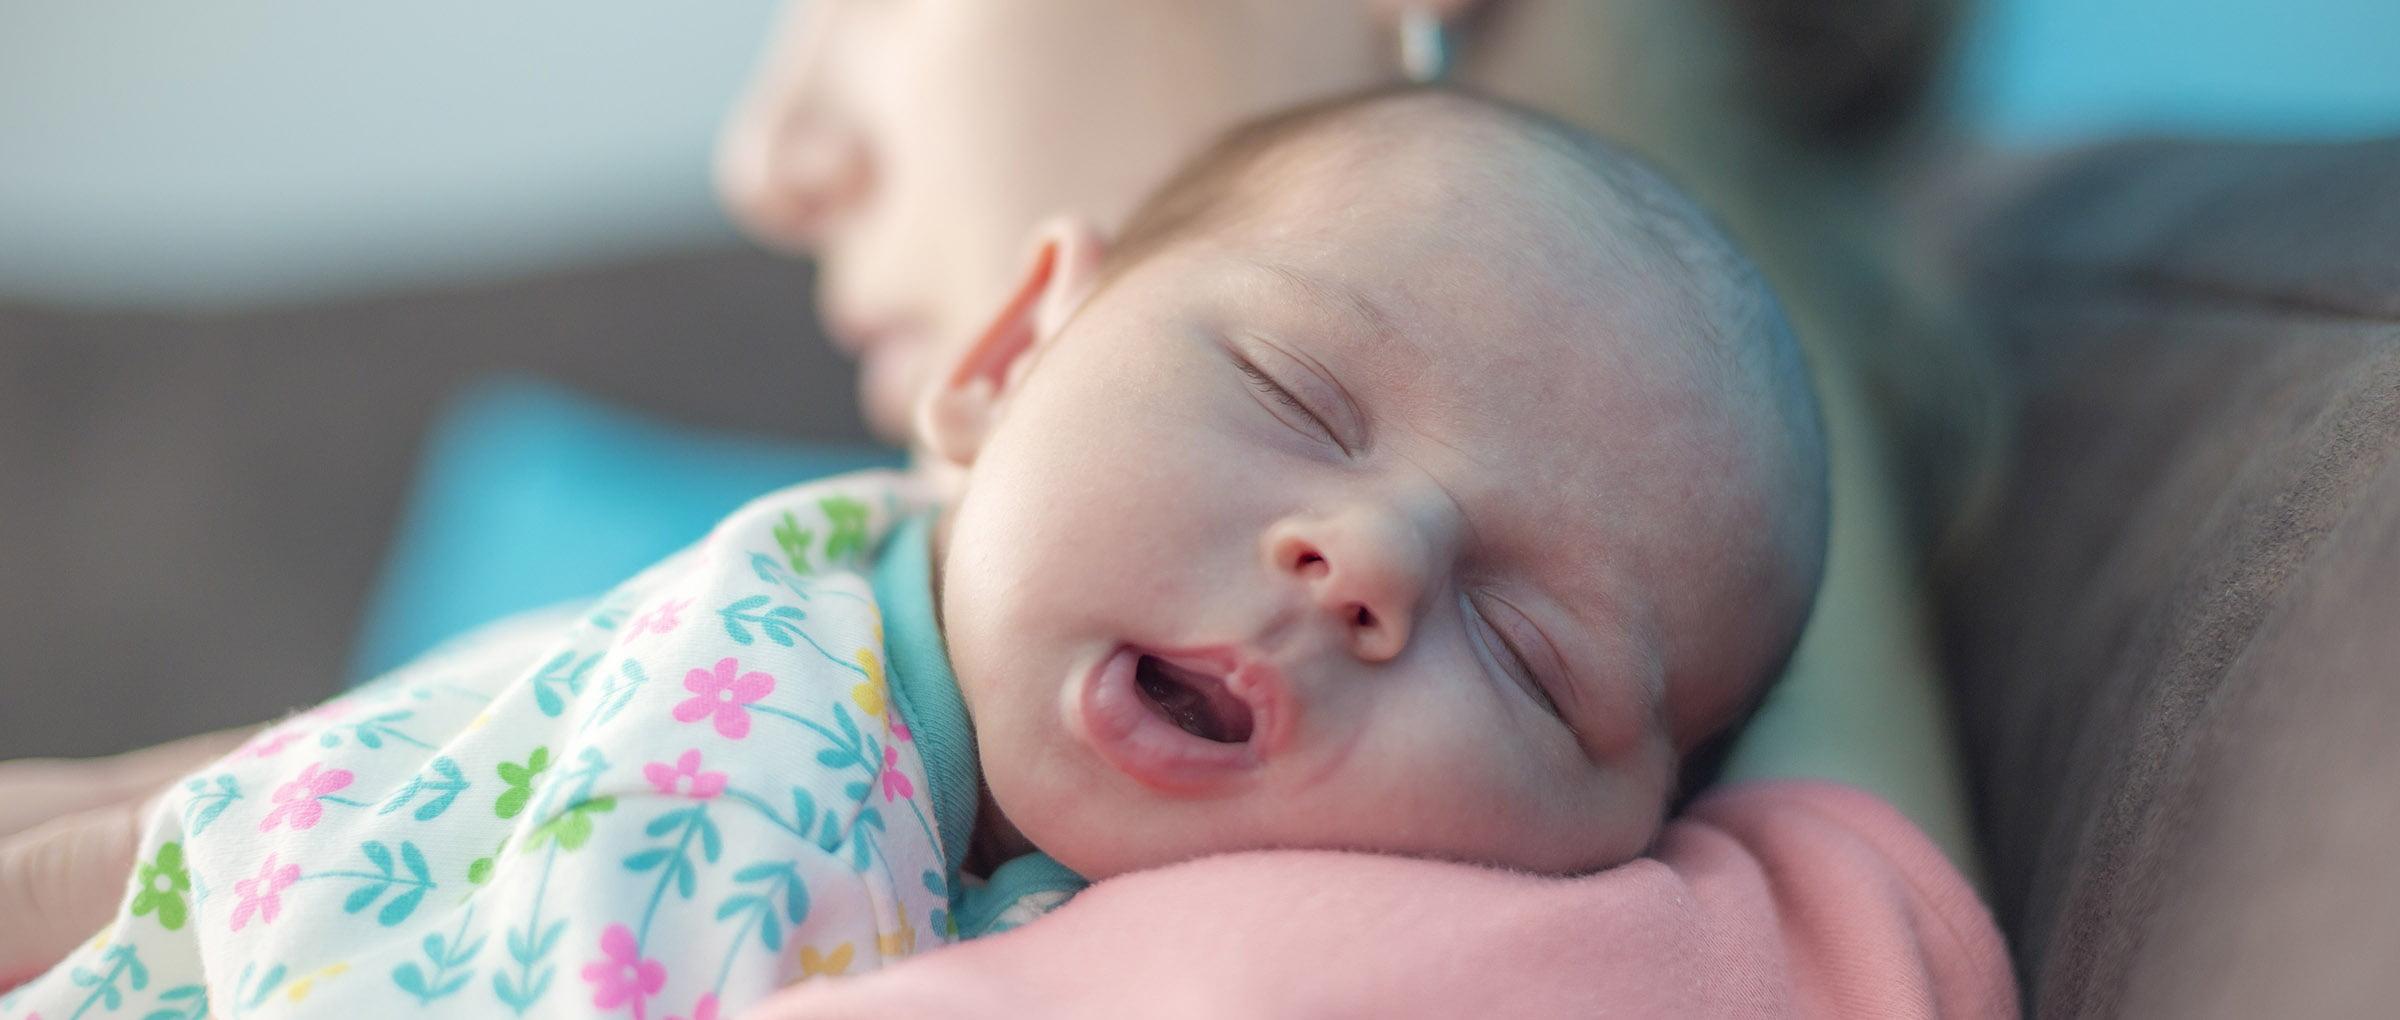 Quels soins faut-il apporter à un nouveau-né à la naissance?